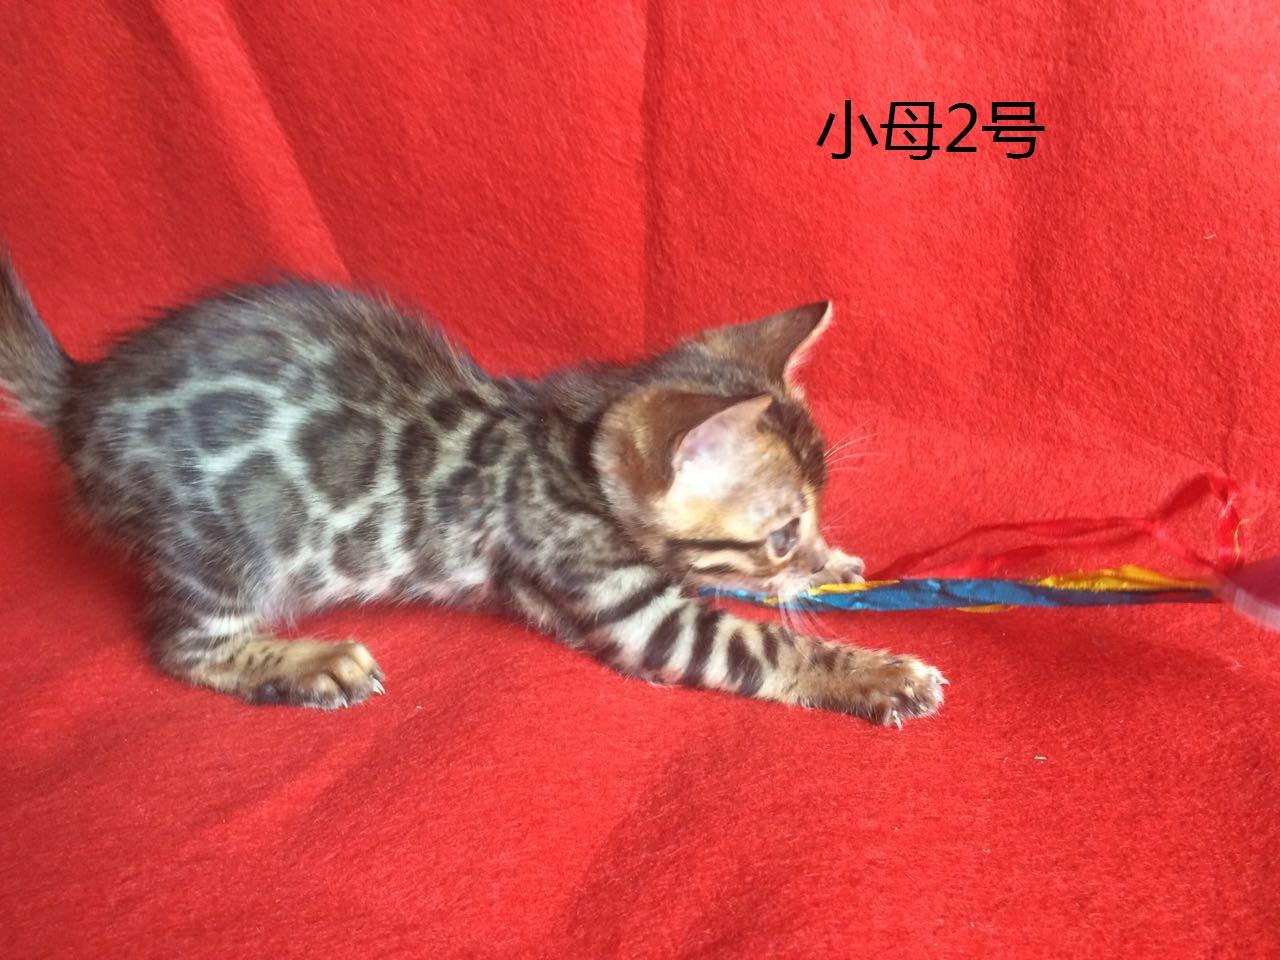 野性外表温柔家猫性格 时尚 漂亮 孟加拉豹猫